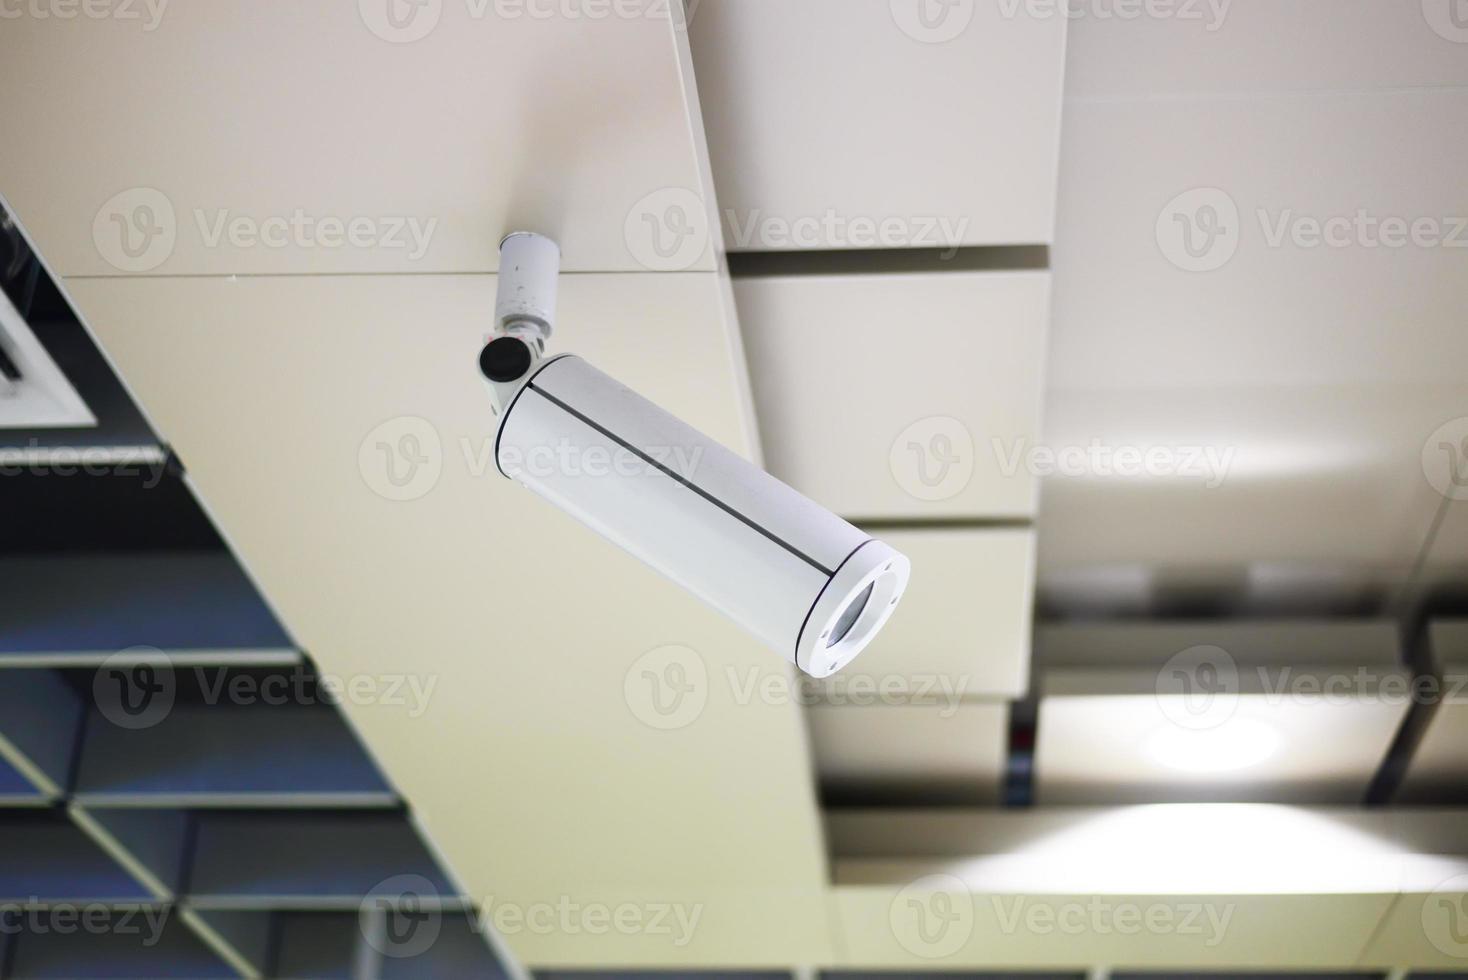 soffitto della parete della videocamera di sicurezza del CCTV foto